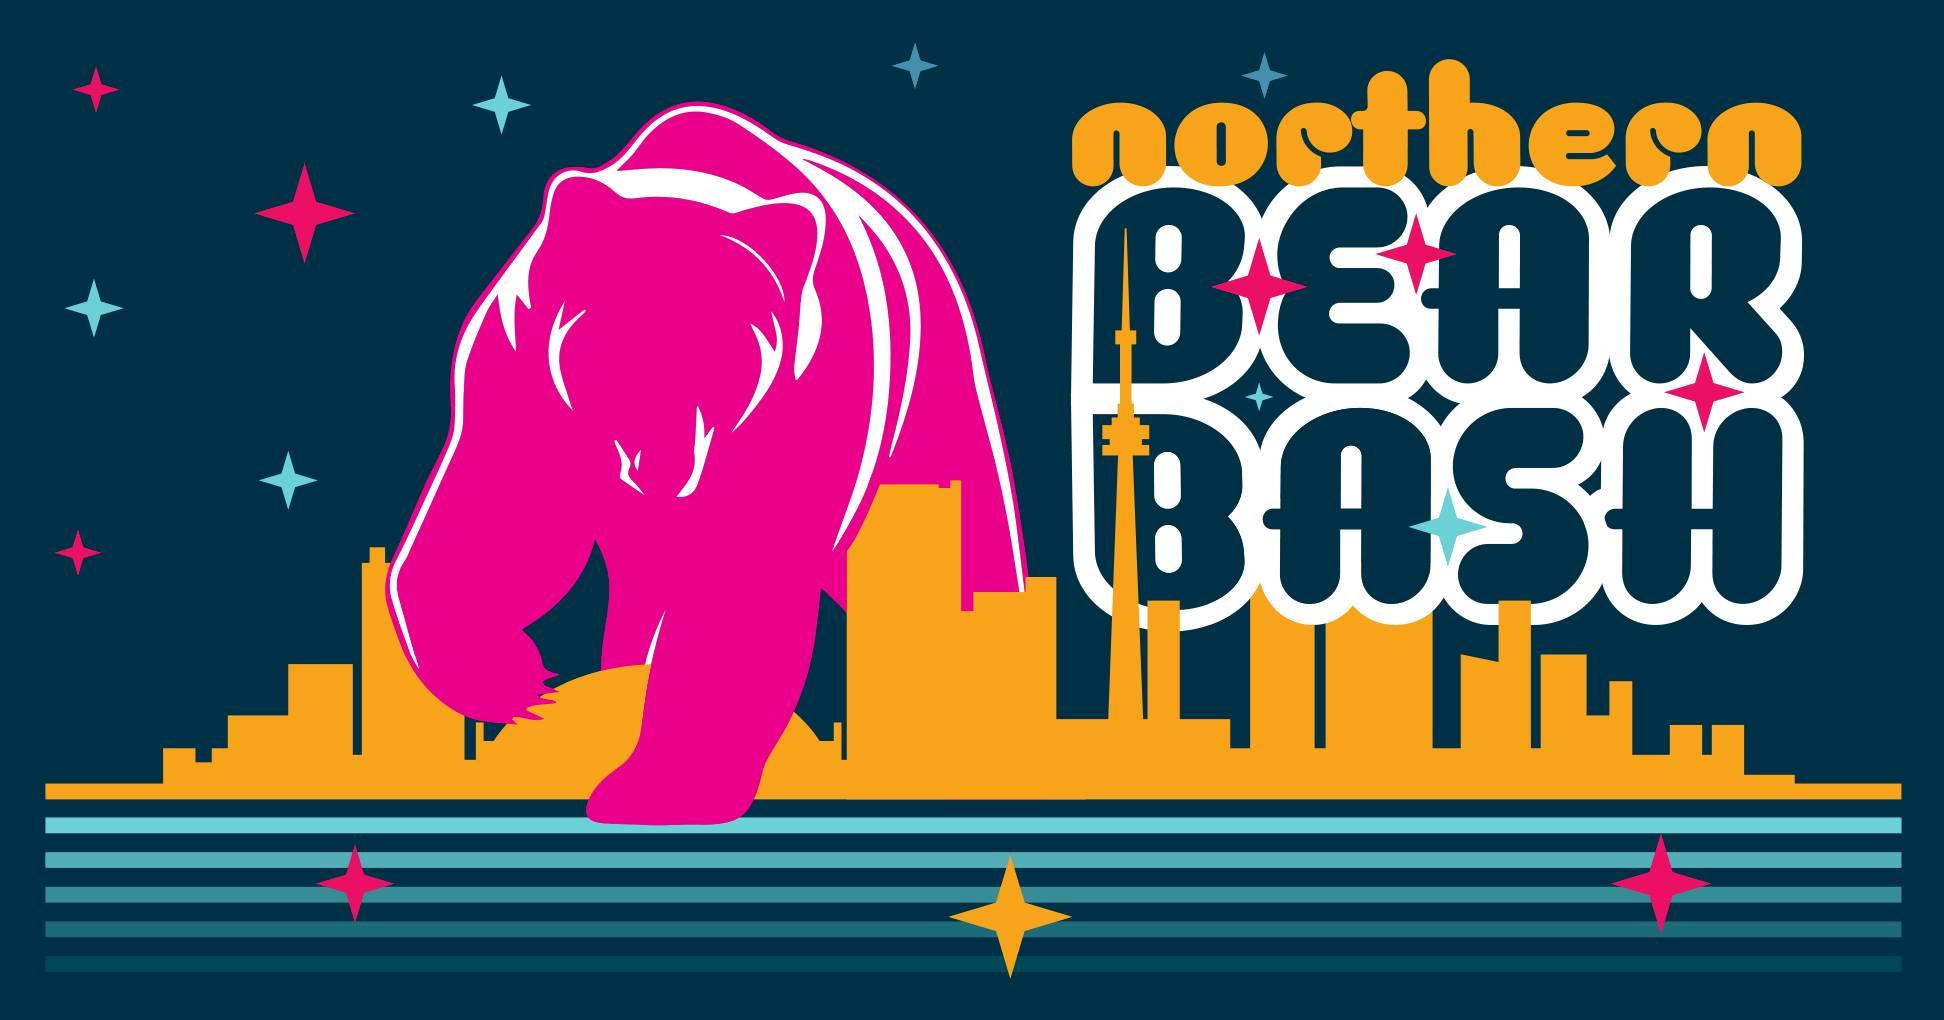 Northern-Bear-Bash